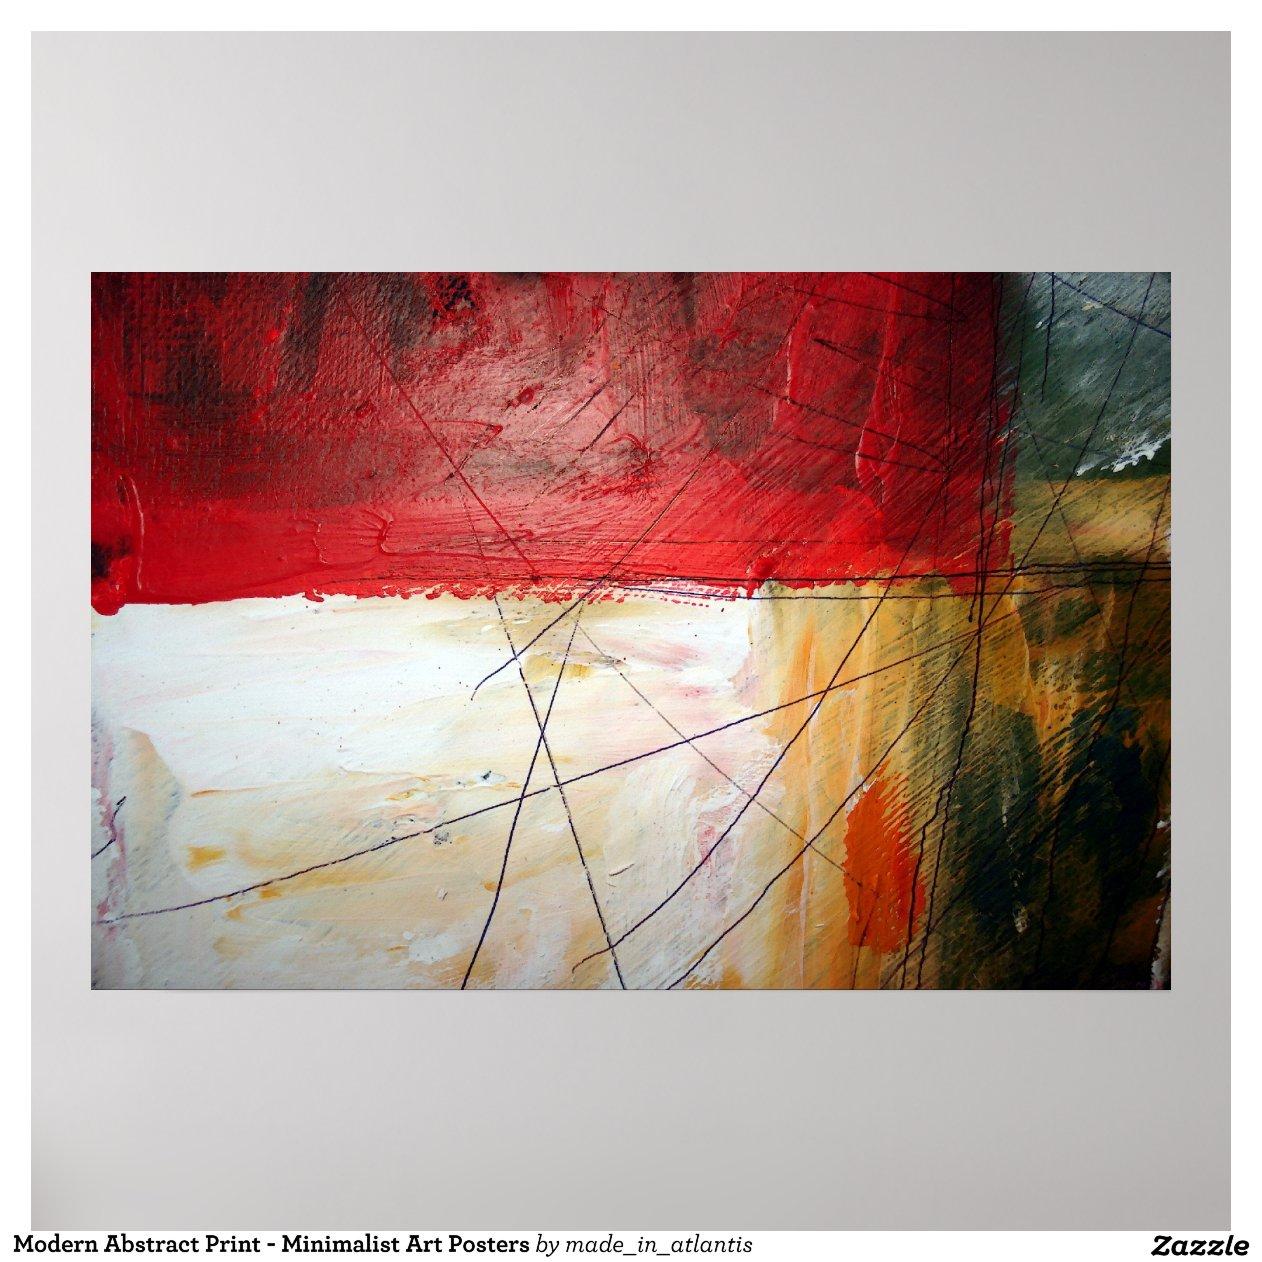 Modern Abstract Minimalist Art